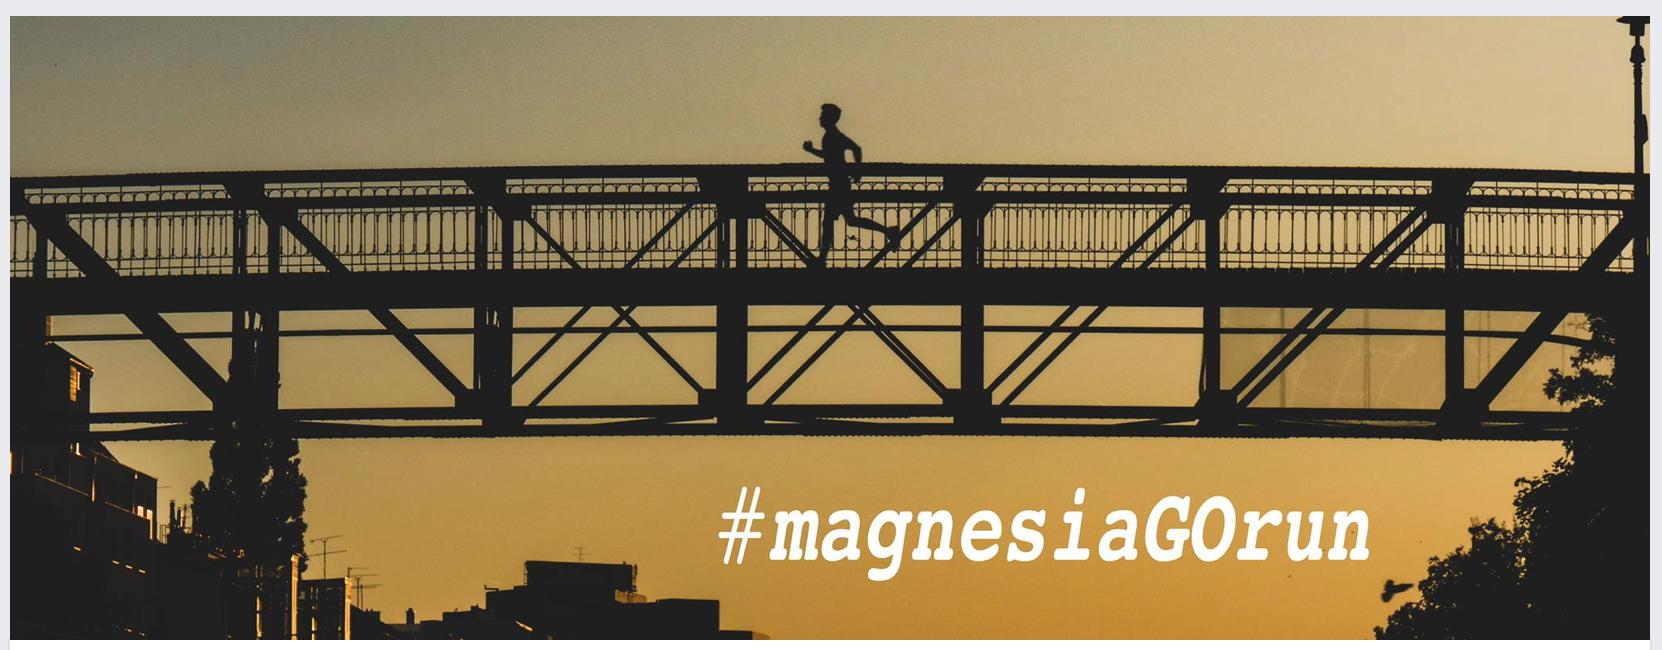 magnesia facebook